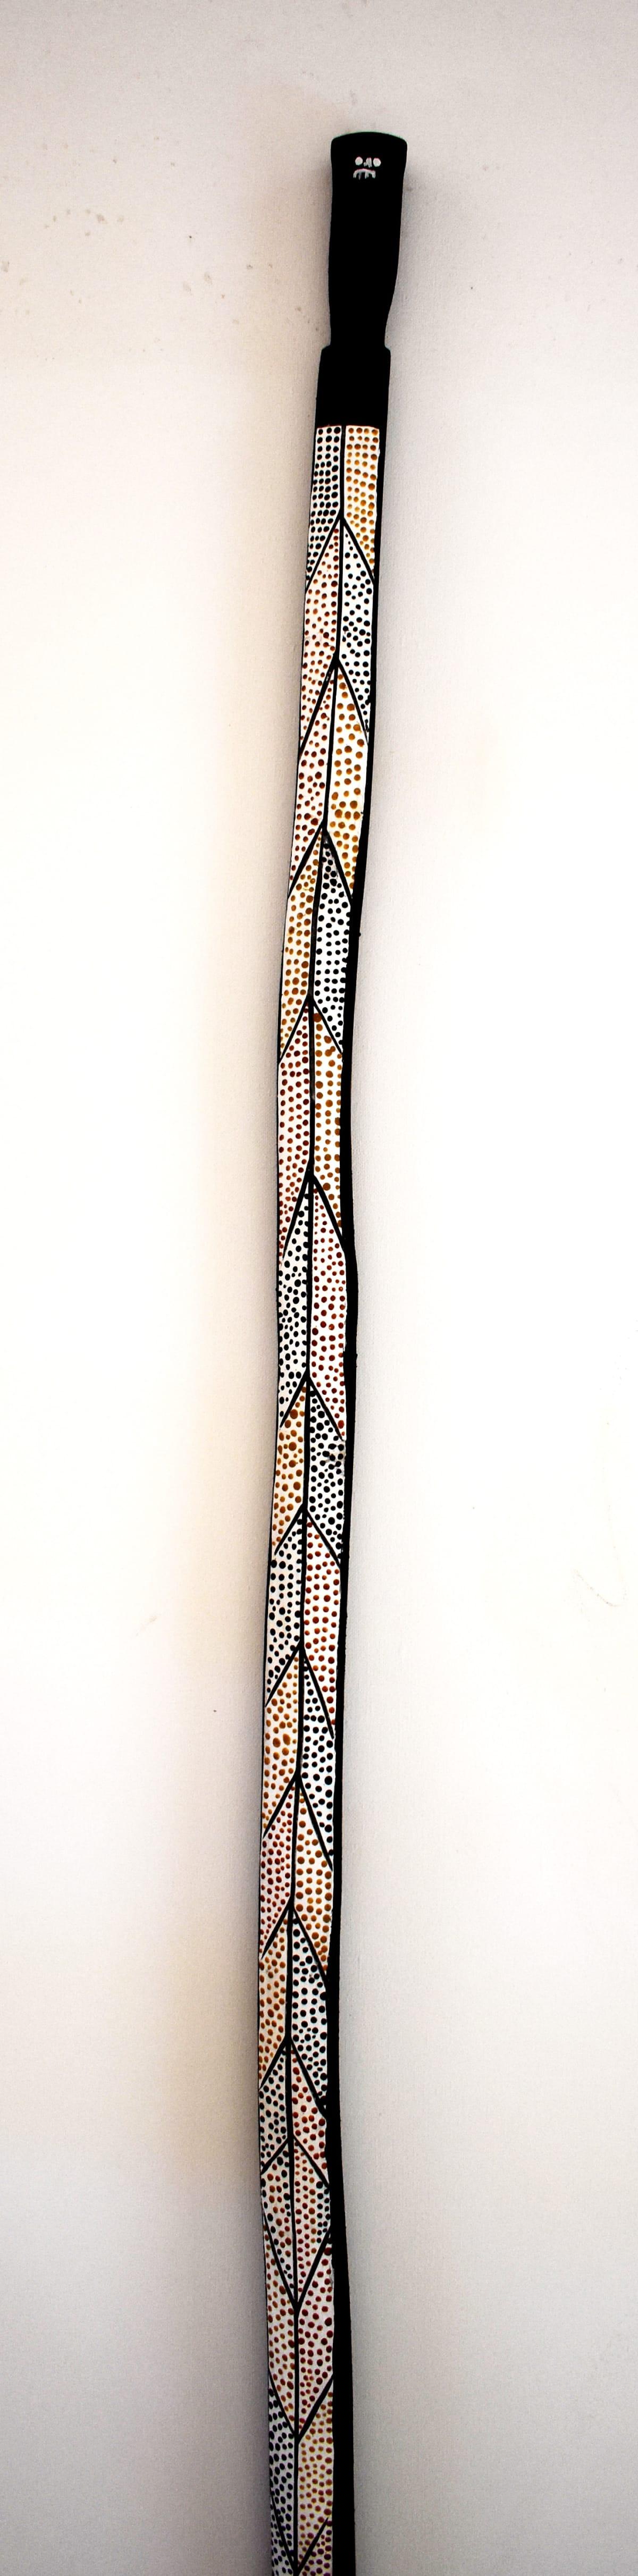 Josephine Wurrkidj Yawkyawk, 2018 Carved Wood & Ochre 196 x 4 x 4 cm